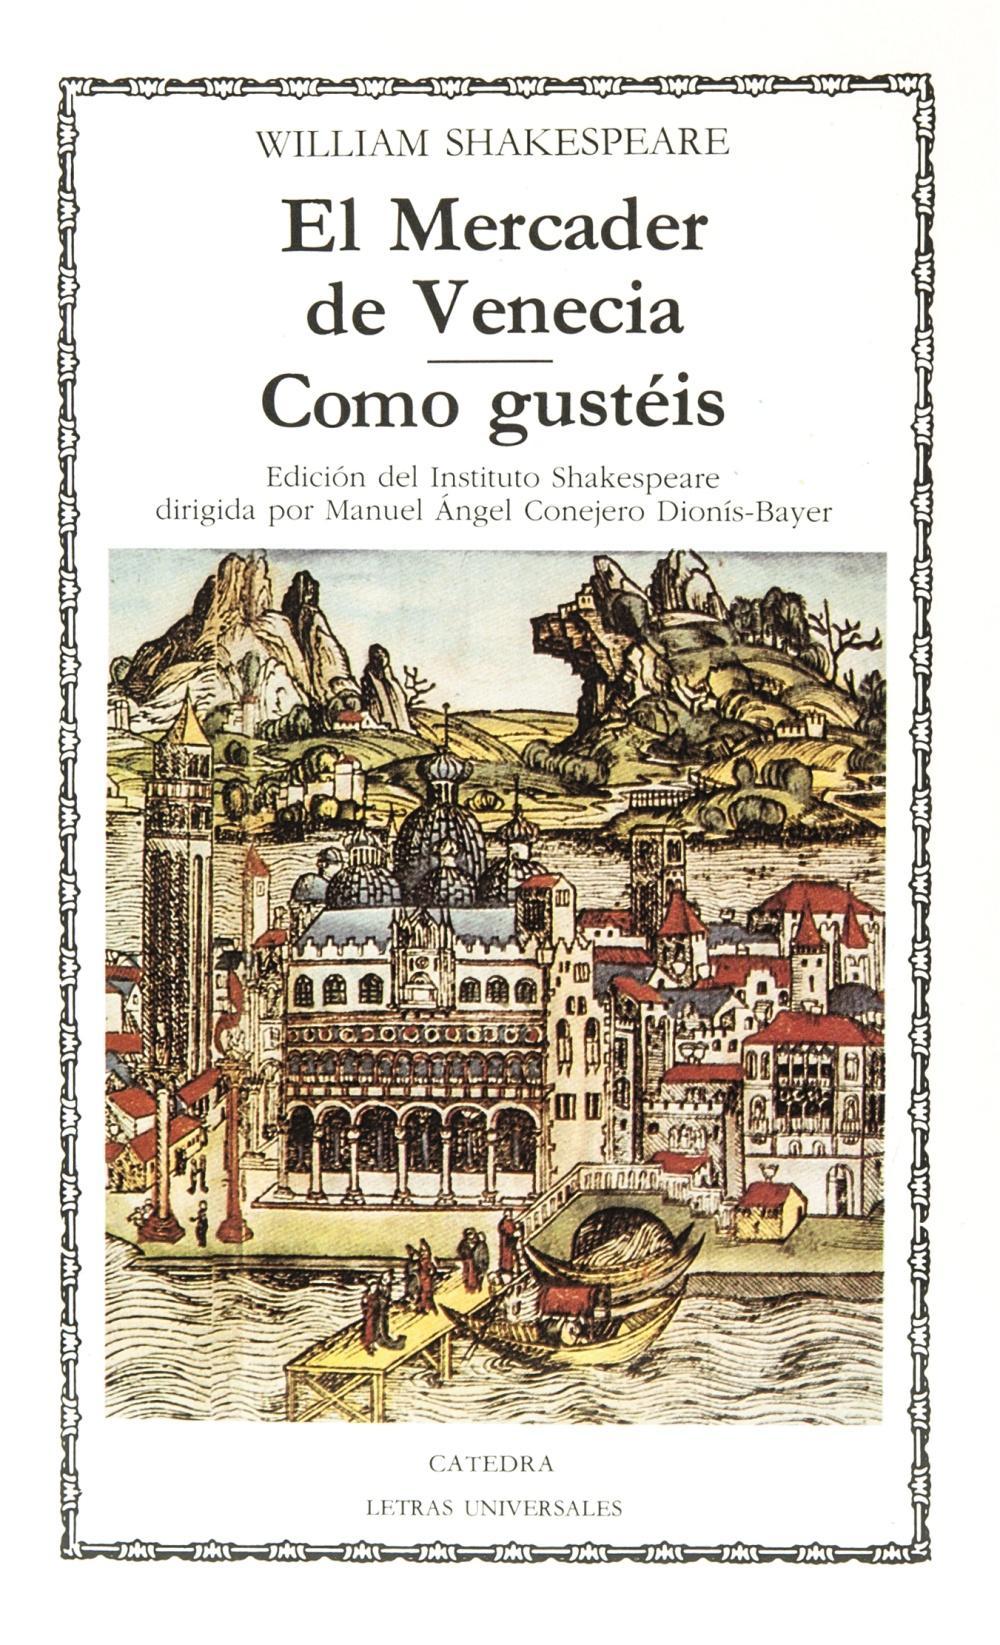 El Mercader de Venecia; Como gustéis